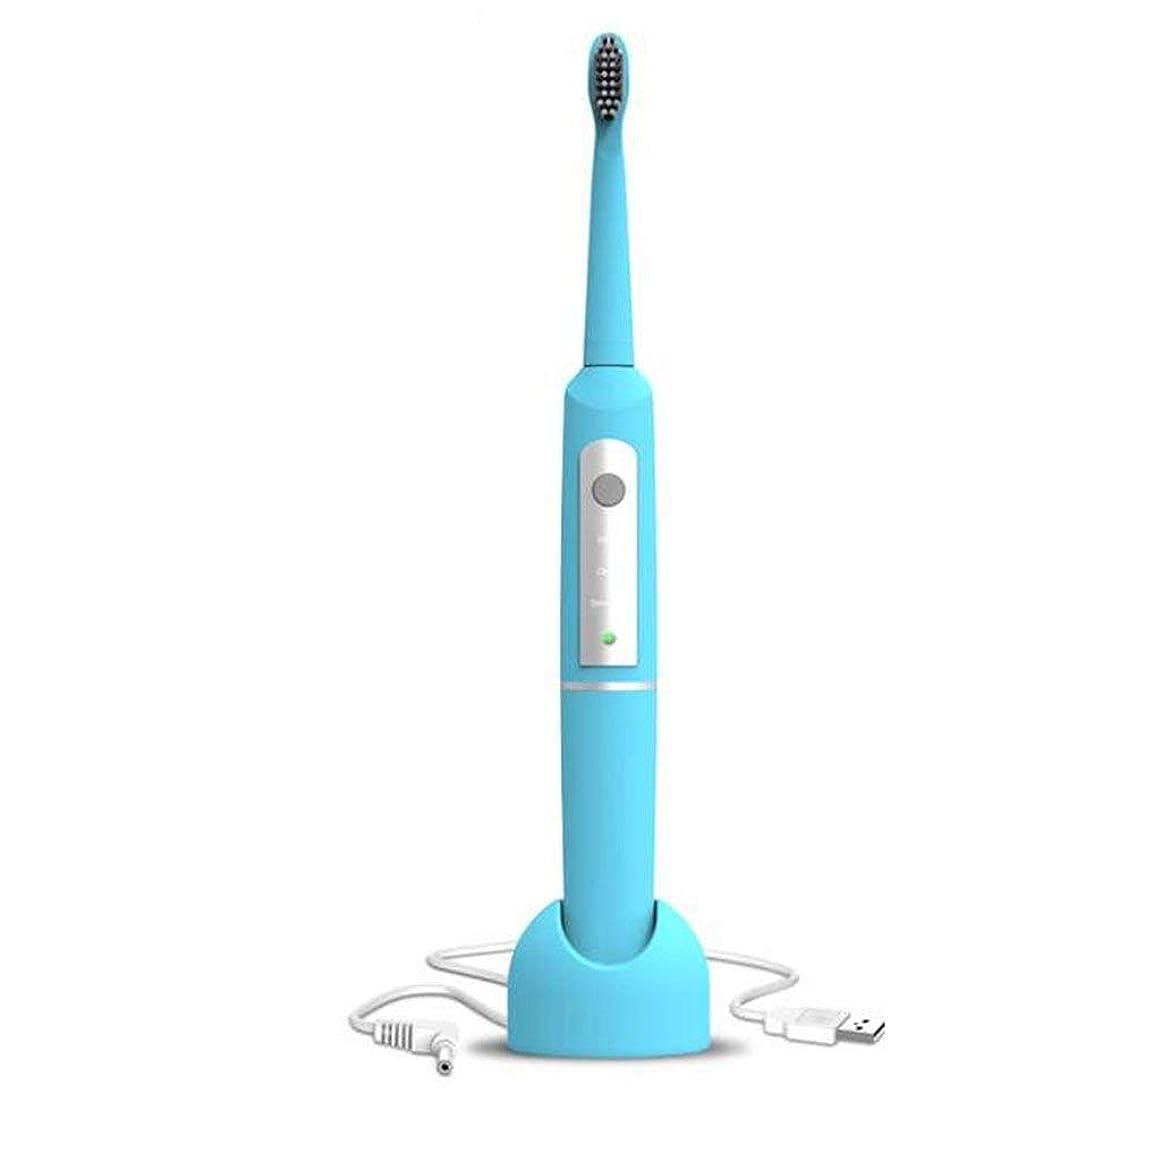 急行する大統領統合電動大人用歯ブラシ充電式ソニック自動歯ブラシカップル電動歯ブラシ(カラー:ブルー)